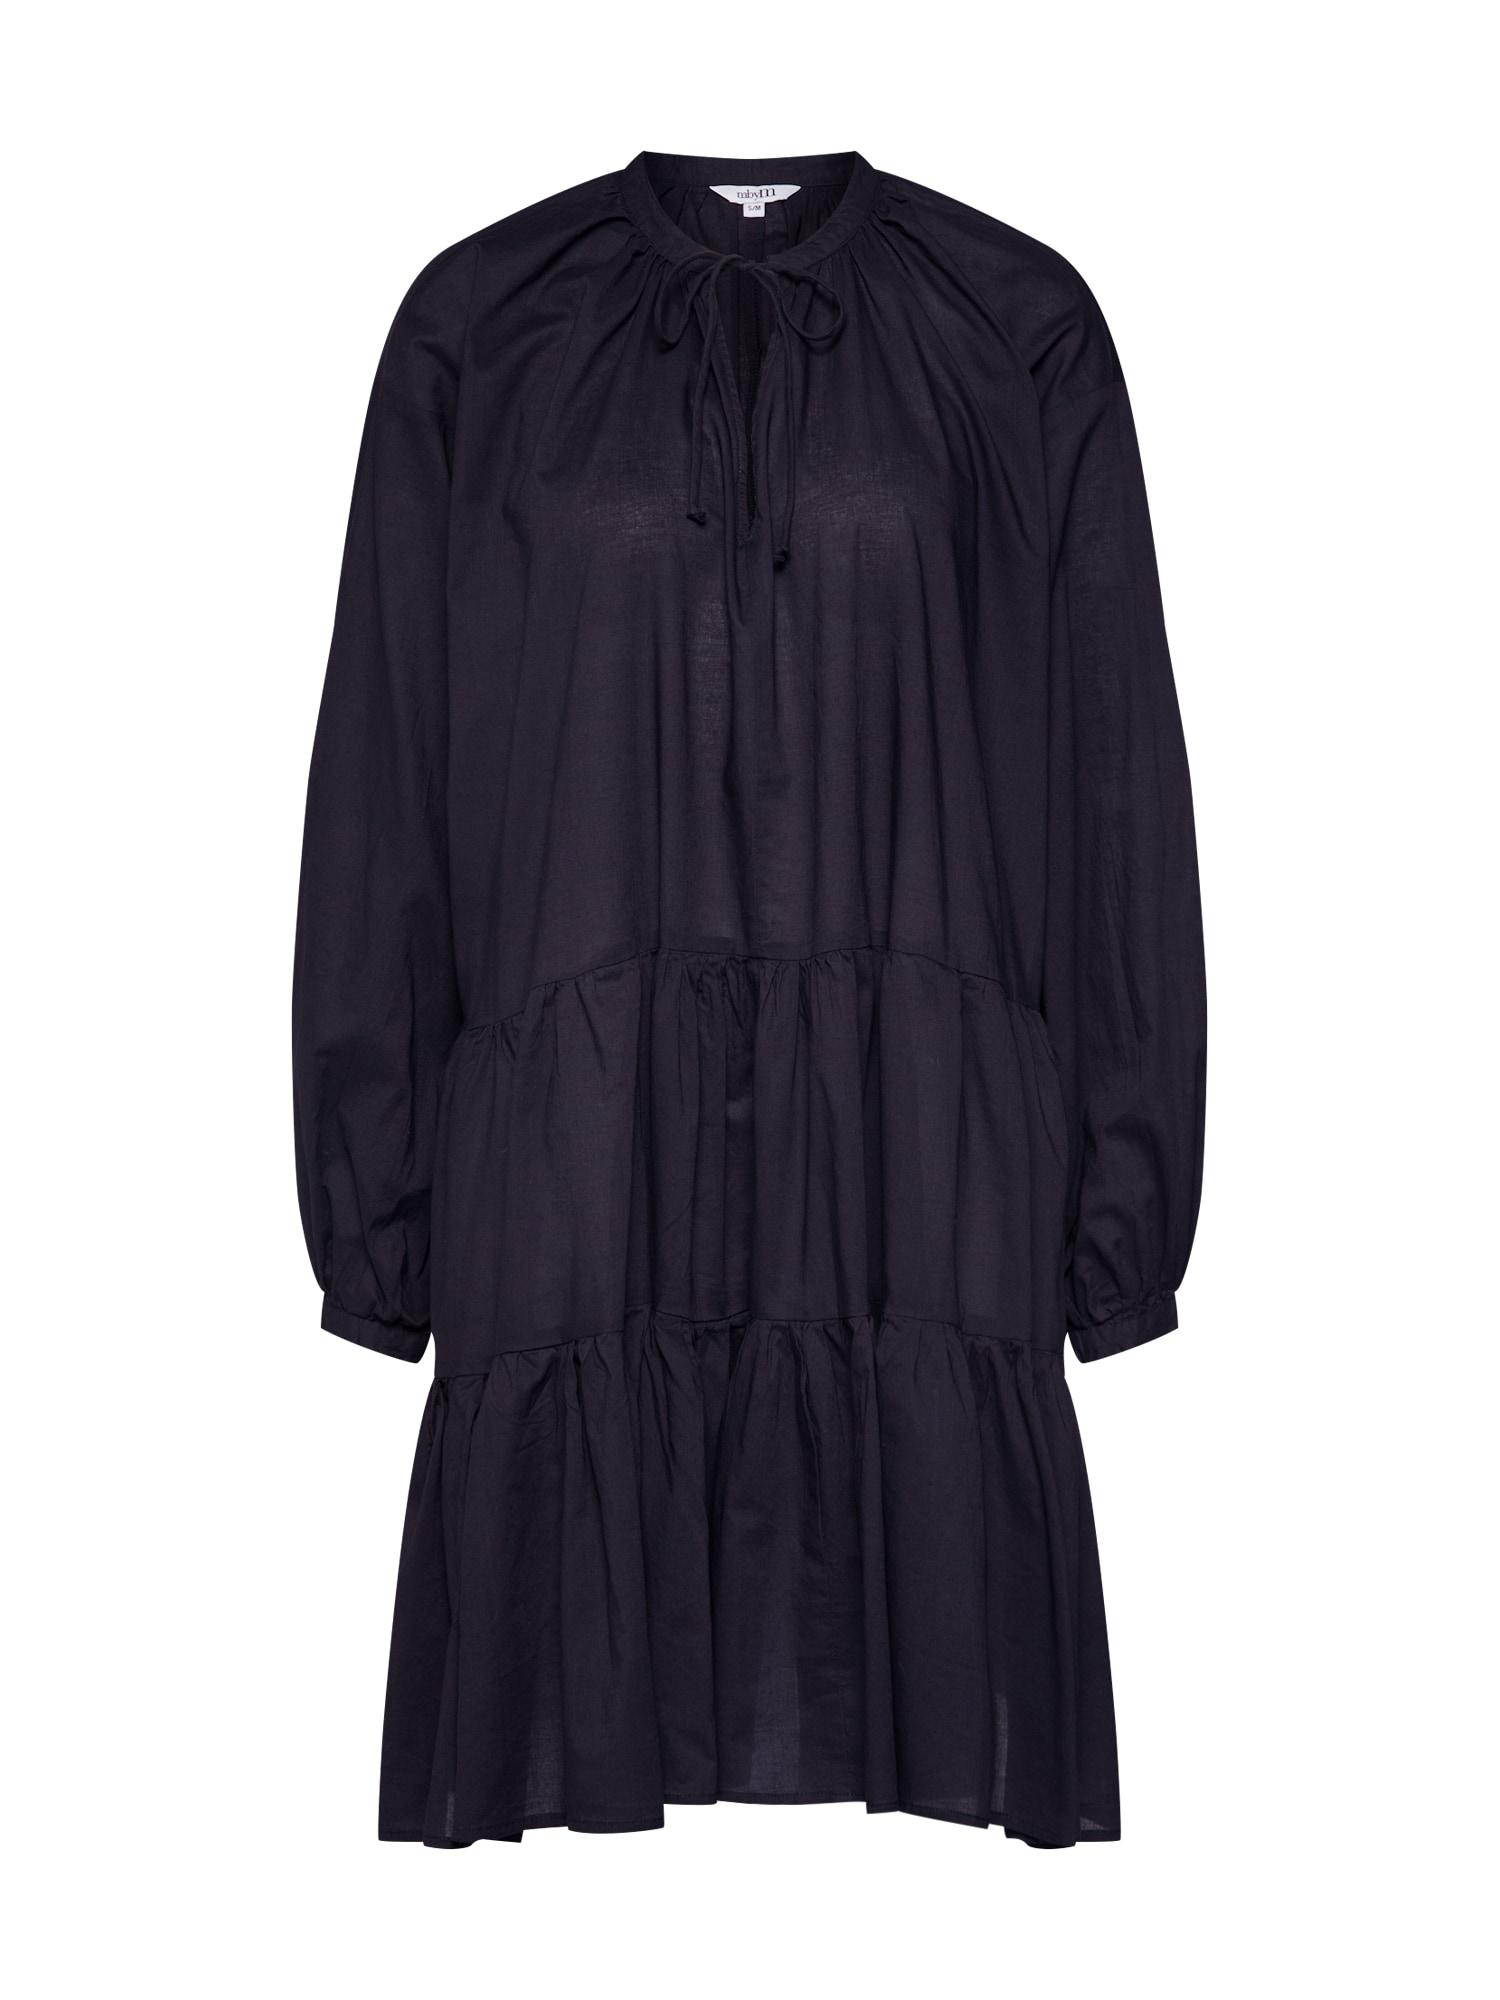 Šaty Micella černá Mbym